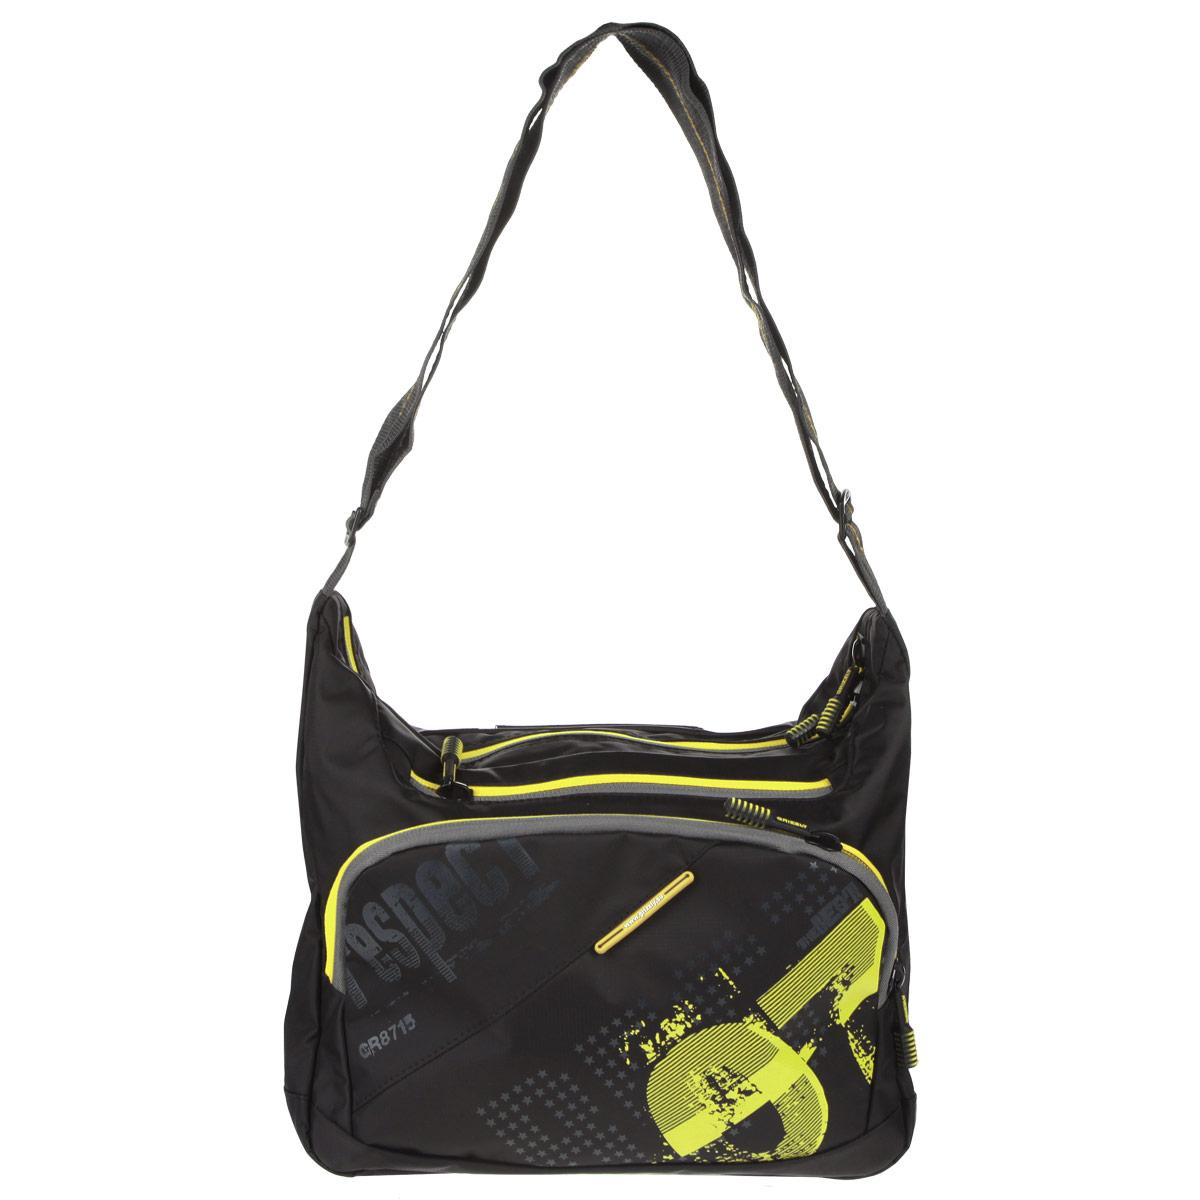 Grizzly Сумка школьная цвет черный желтыйММ-512-2/1Сумка молодежная наплечная с одним отделением, передними, боковыми, задним и внутренними карманами, ручкой для переноски и регулируемым плечевым ремнем